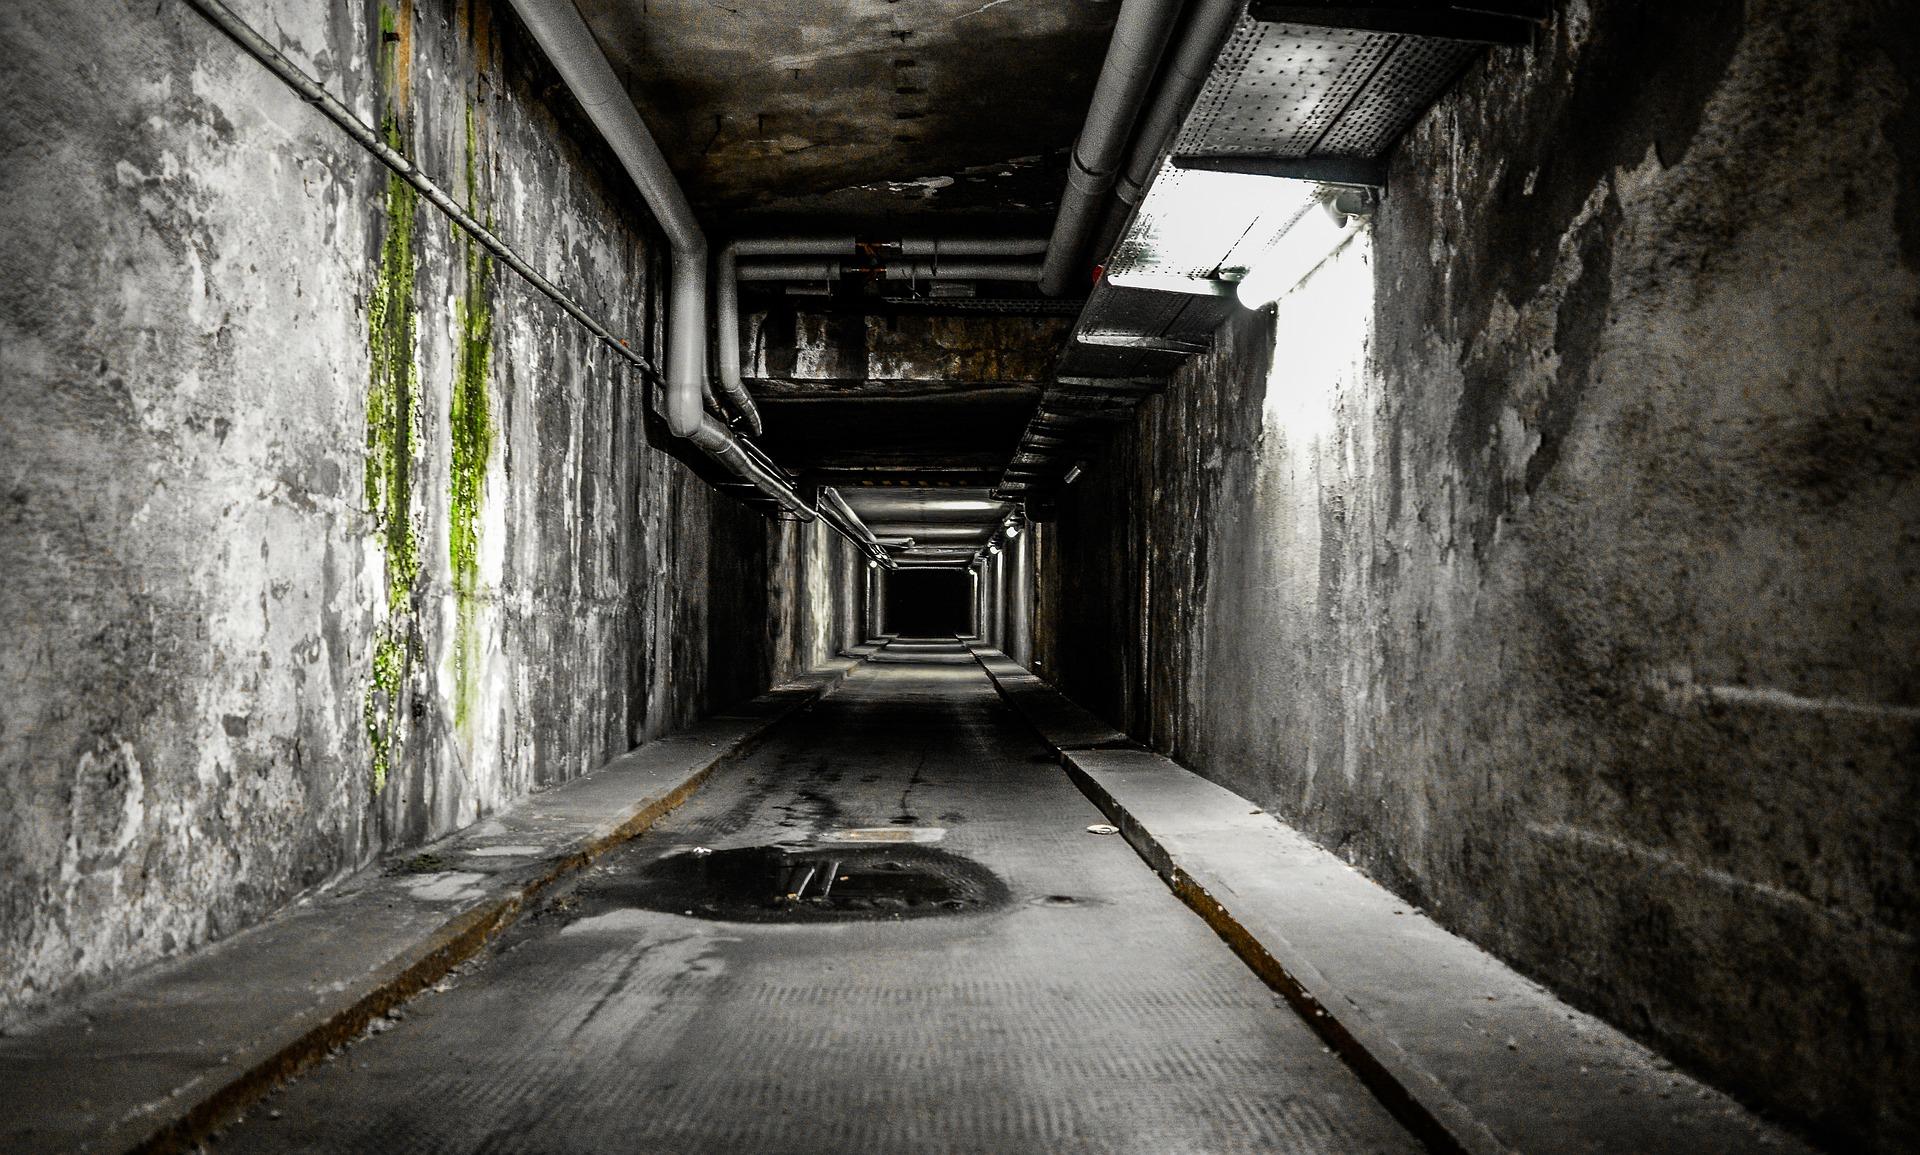 通路, トンネル, 冷静に, 恐怖, 暗闇の中 - HD の壁紙 - 教授-falken.com